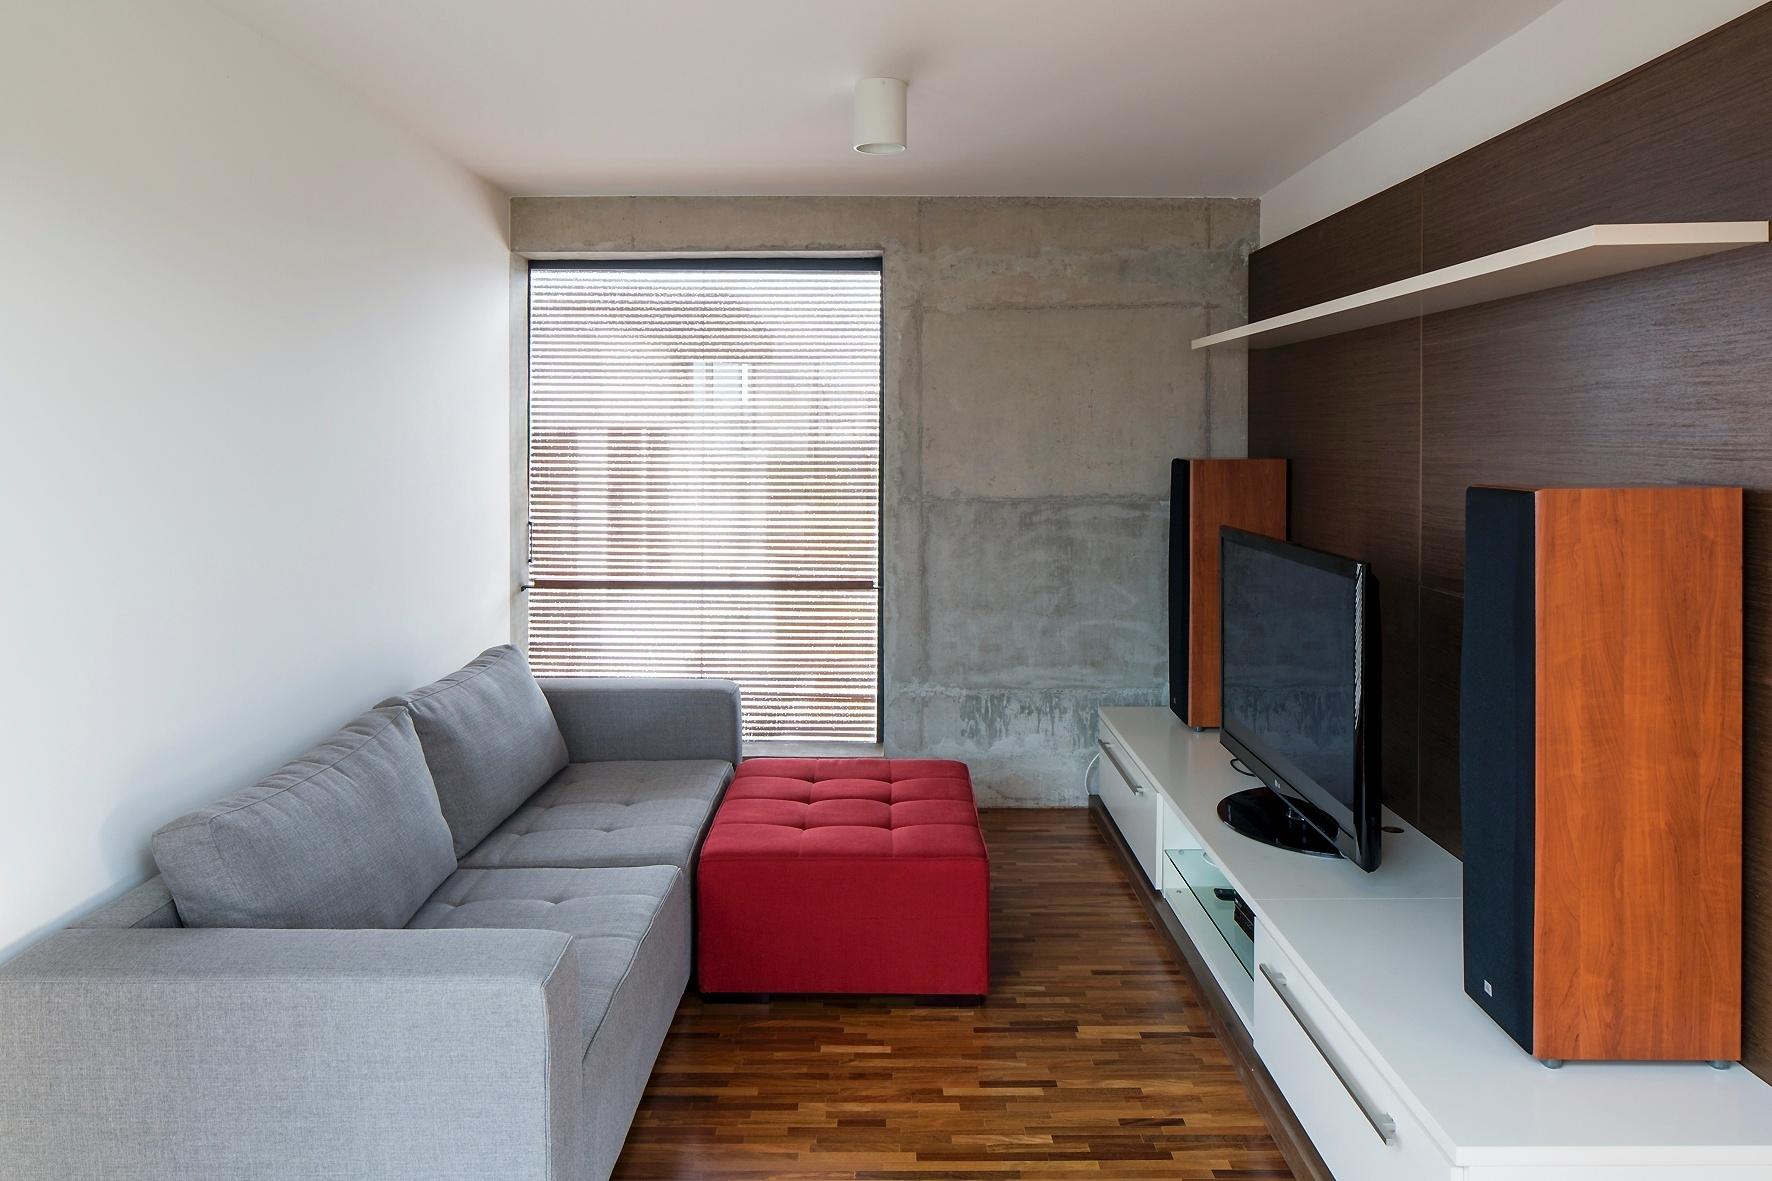 No nível inferior e contígua à suíte, a saleta íntima tem piso de madeira e funciona como home theater. O sofá e o pufe são assinados pelo designer Fernando Jaeger,enquanto a bancada para TV é da Ornare e a luminária, da Reka. A Casa Ithayê foi projetada pelo escritório Apiacás Arquitetos